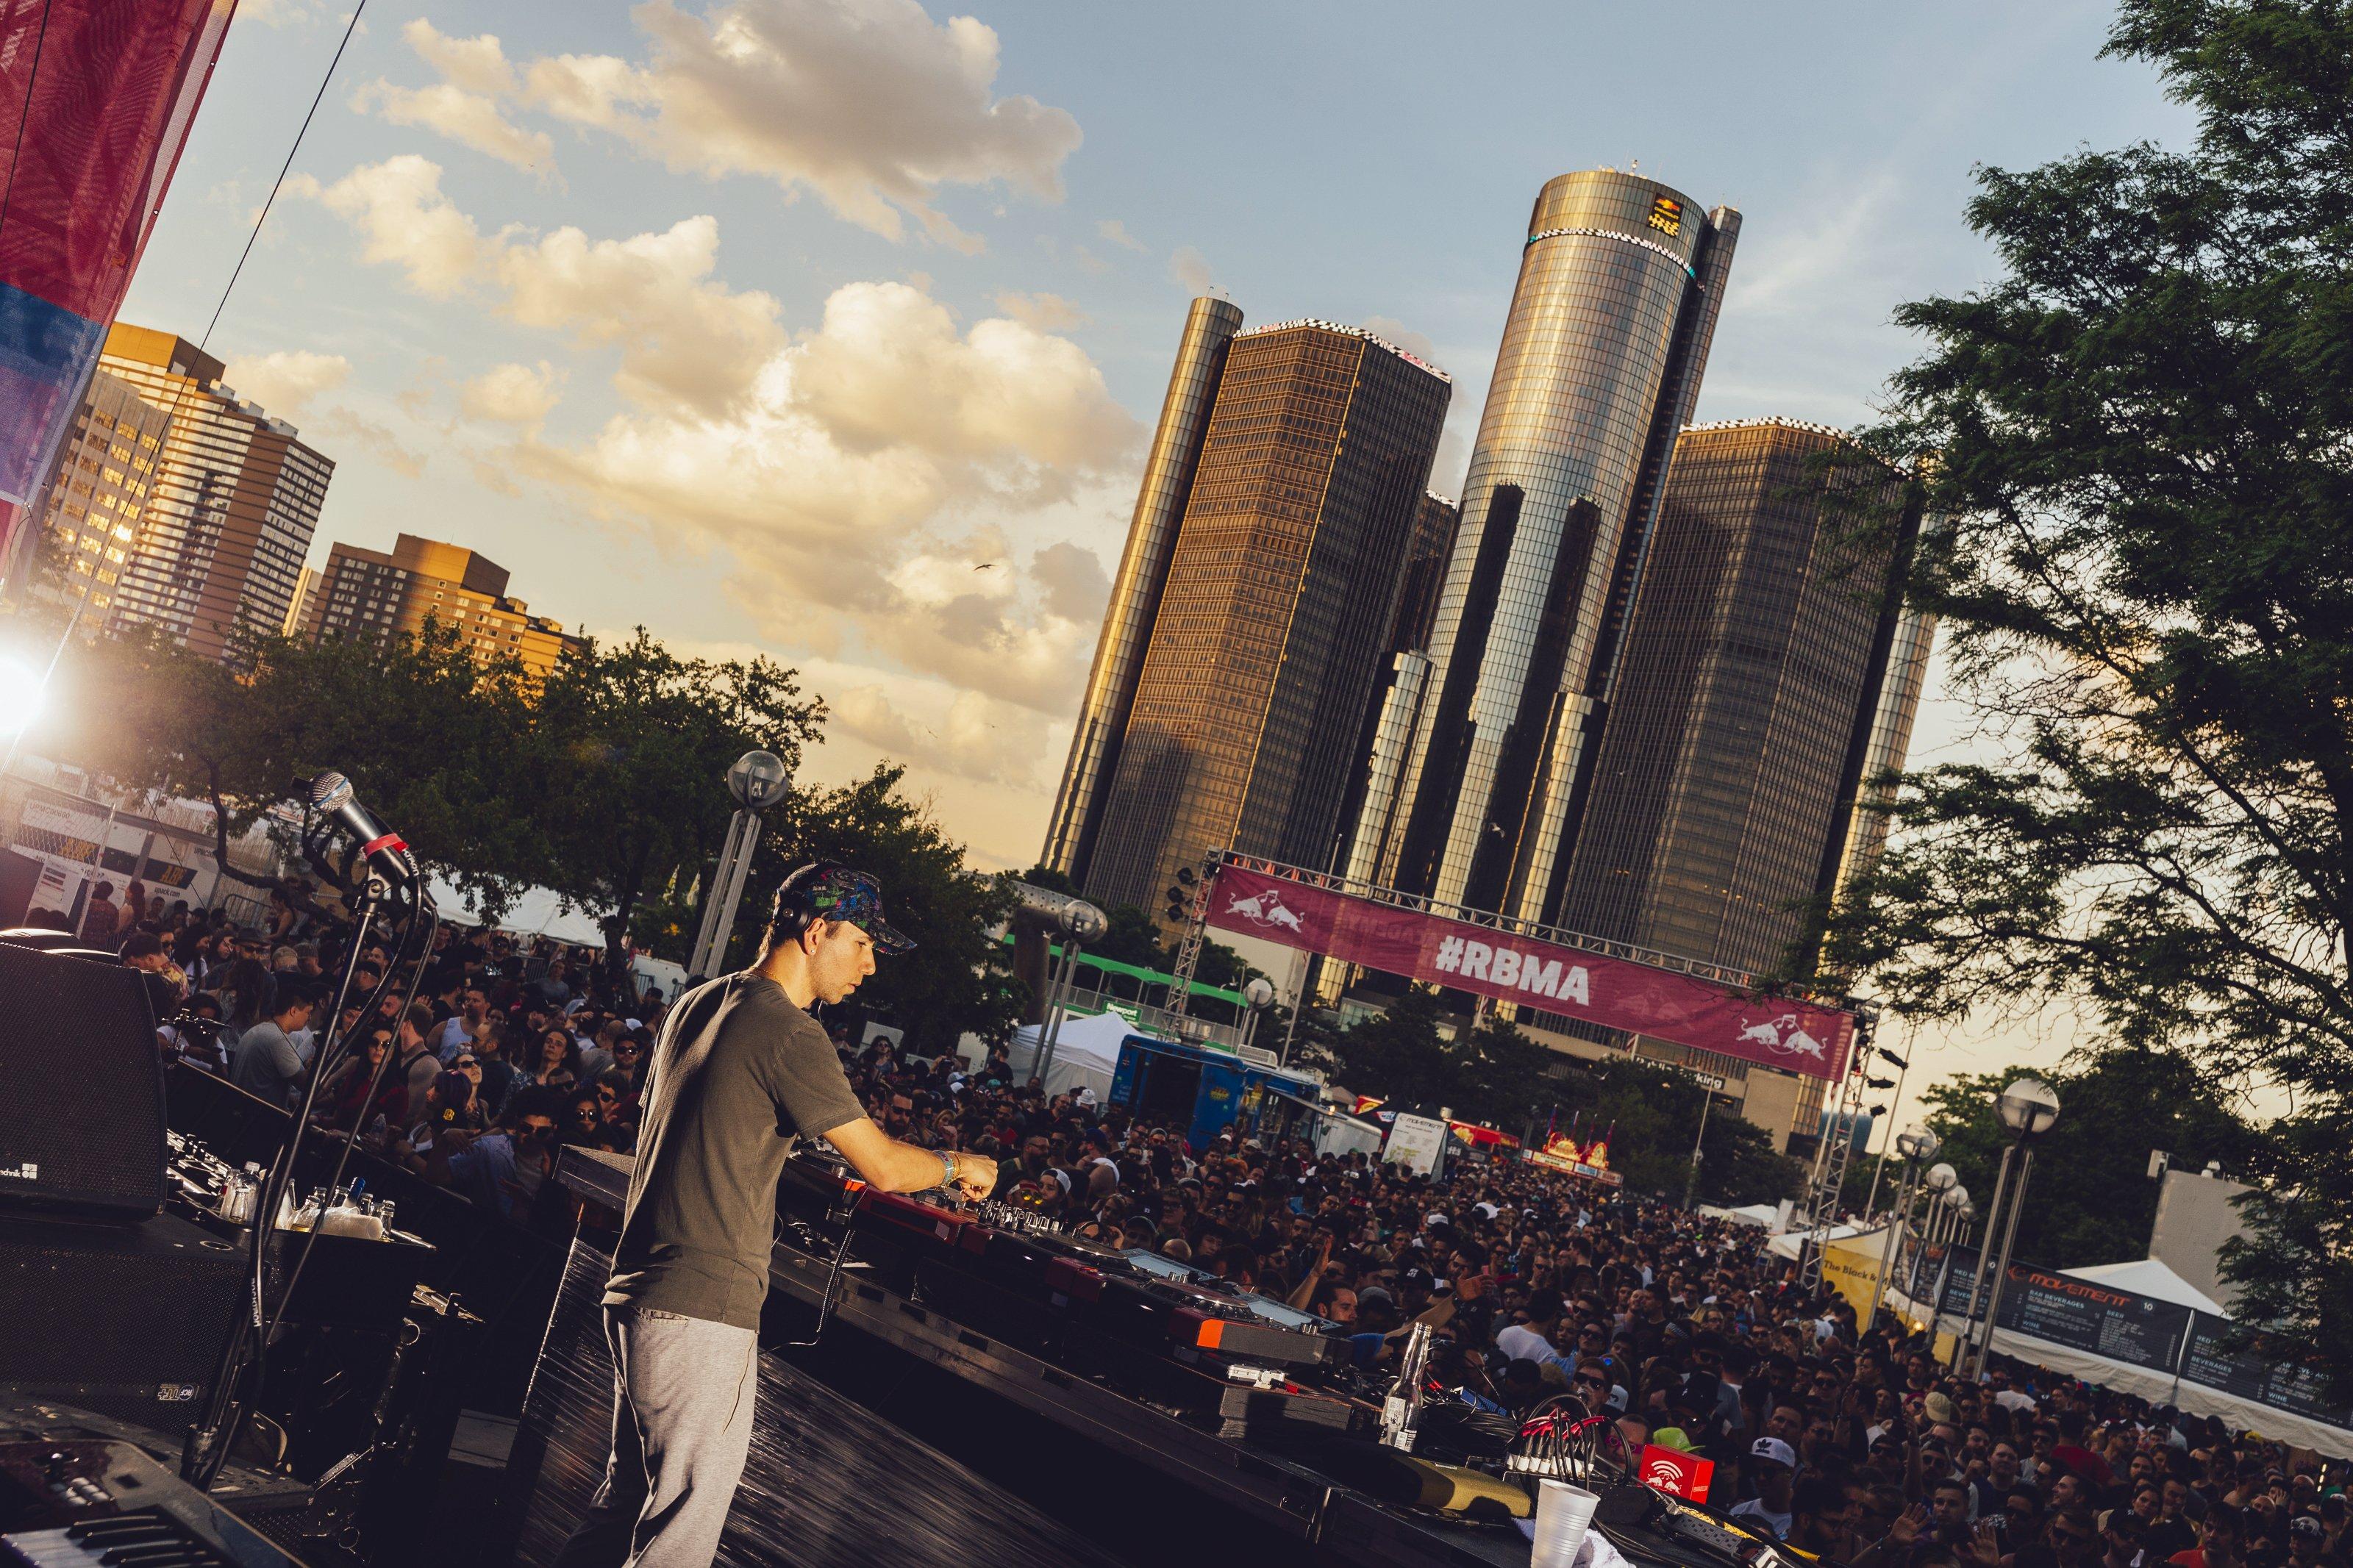 ビョーク、イギー・ポップら出演!Red Bull Music Academy Montrealのプログラム発表 P-20160530-00396_News